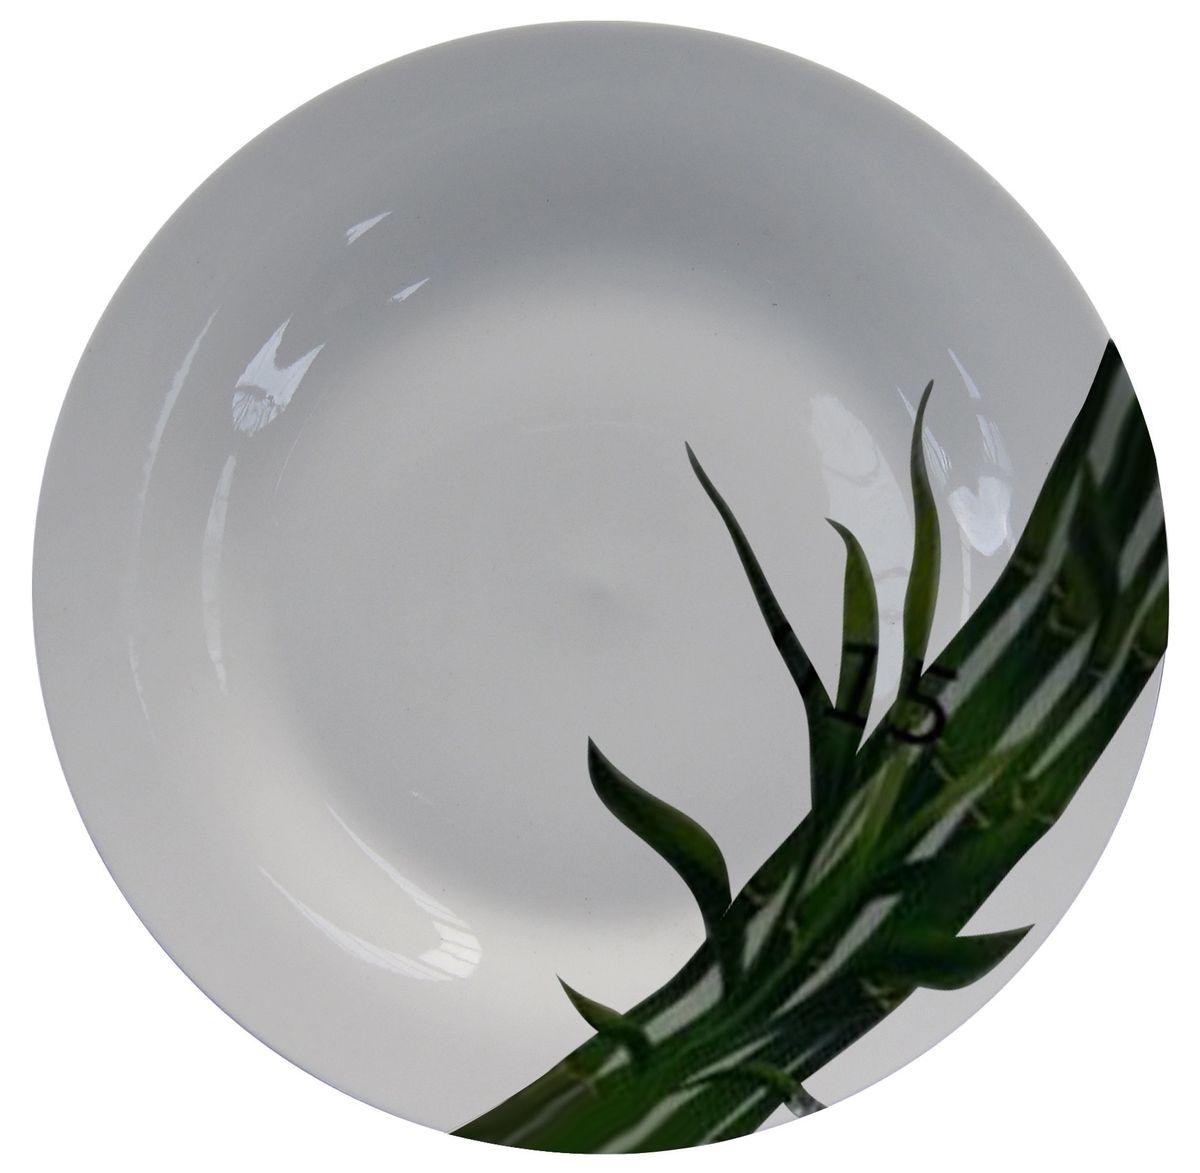 Тарелка МФК-профит Бамбук, диаметр 23 см54 009312Тарелка МФК-профит, изготовленная из стеклокерамики, украшена ярким рисунком. Изящный дизайн придется по вкусу и ценителям классики, и тем, кто предпочитает утонченность.Такая тарелка идеально подойдет для сервировки стола и станет отличным подарком к любому празднику.